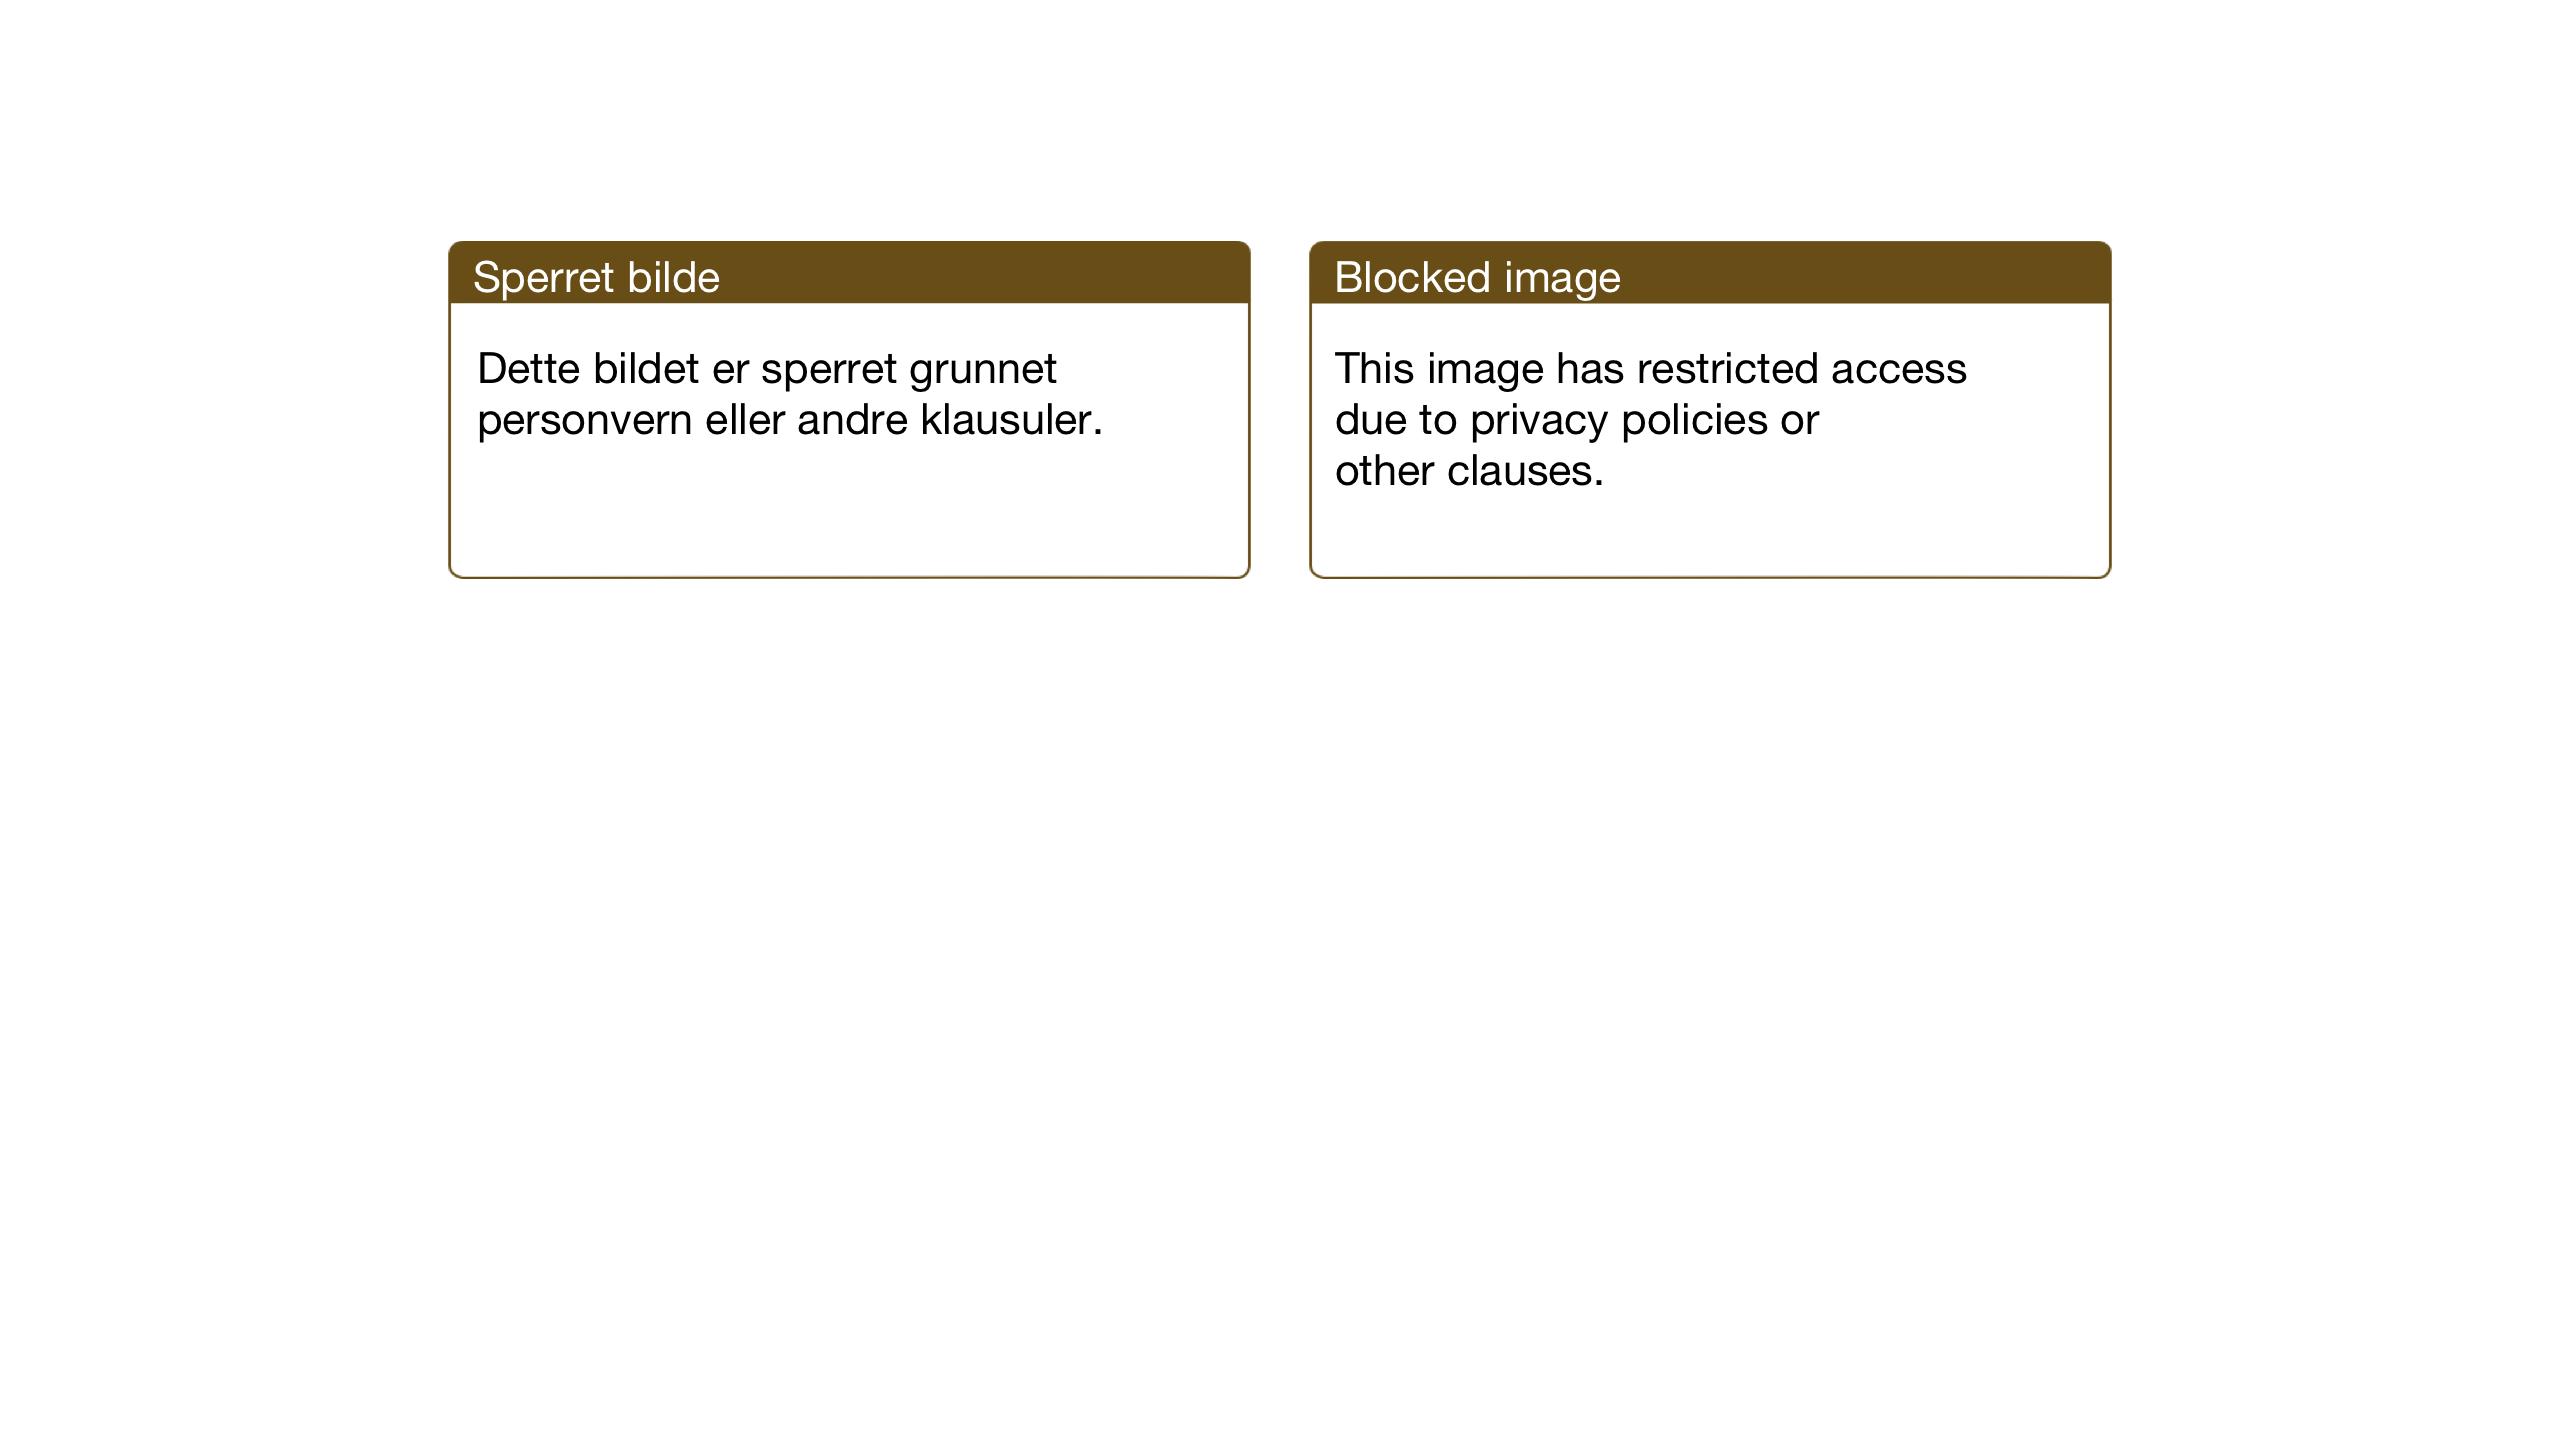 SAT, Ministerialprotokoller, klokkerbøker og fødselsregistre - Sør-Trøndelag, 638/L0569: Klokkerbok nr. 638C01, 1923-1961, s. 145